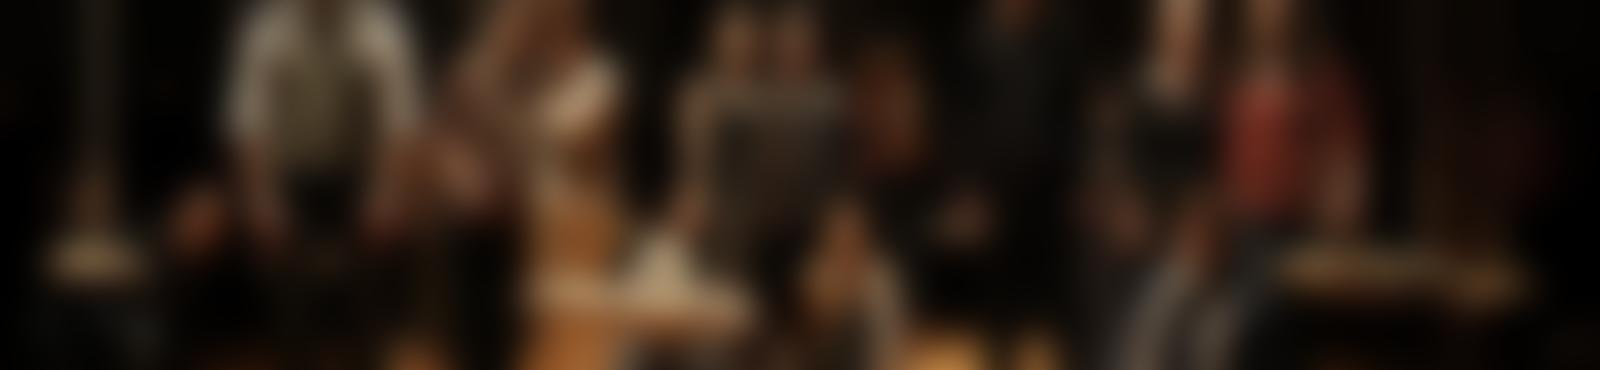 Blurred b19d6736 584f 4cb3 b6b6 c6b8aff7aa17